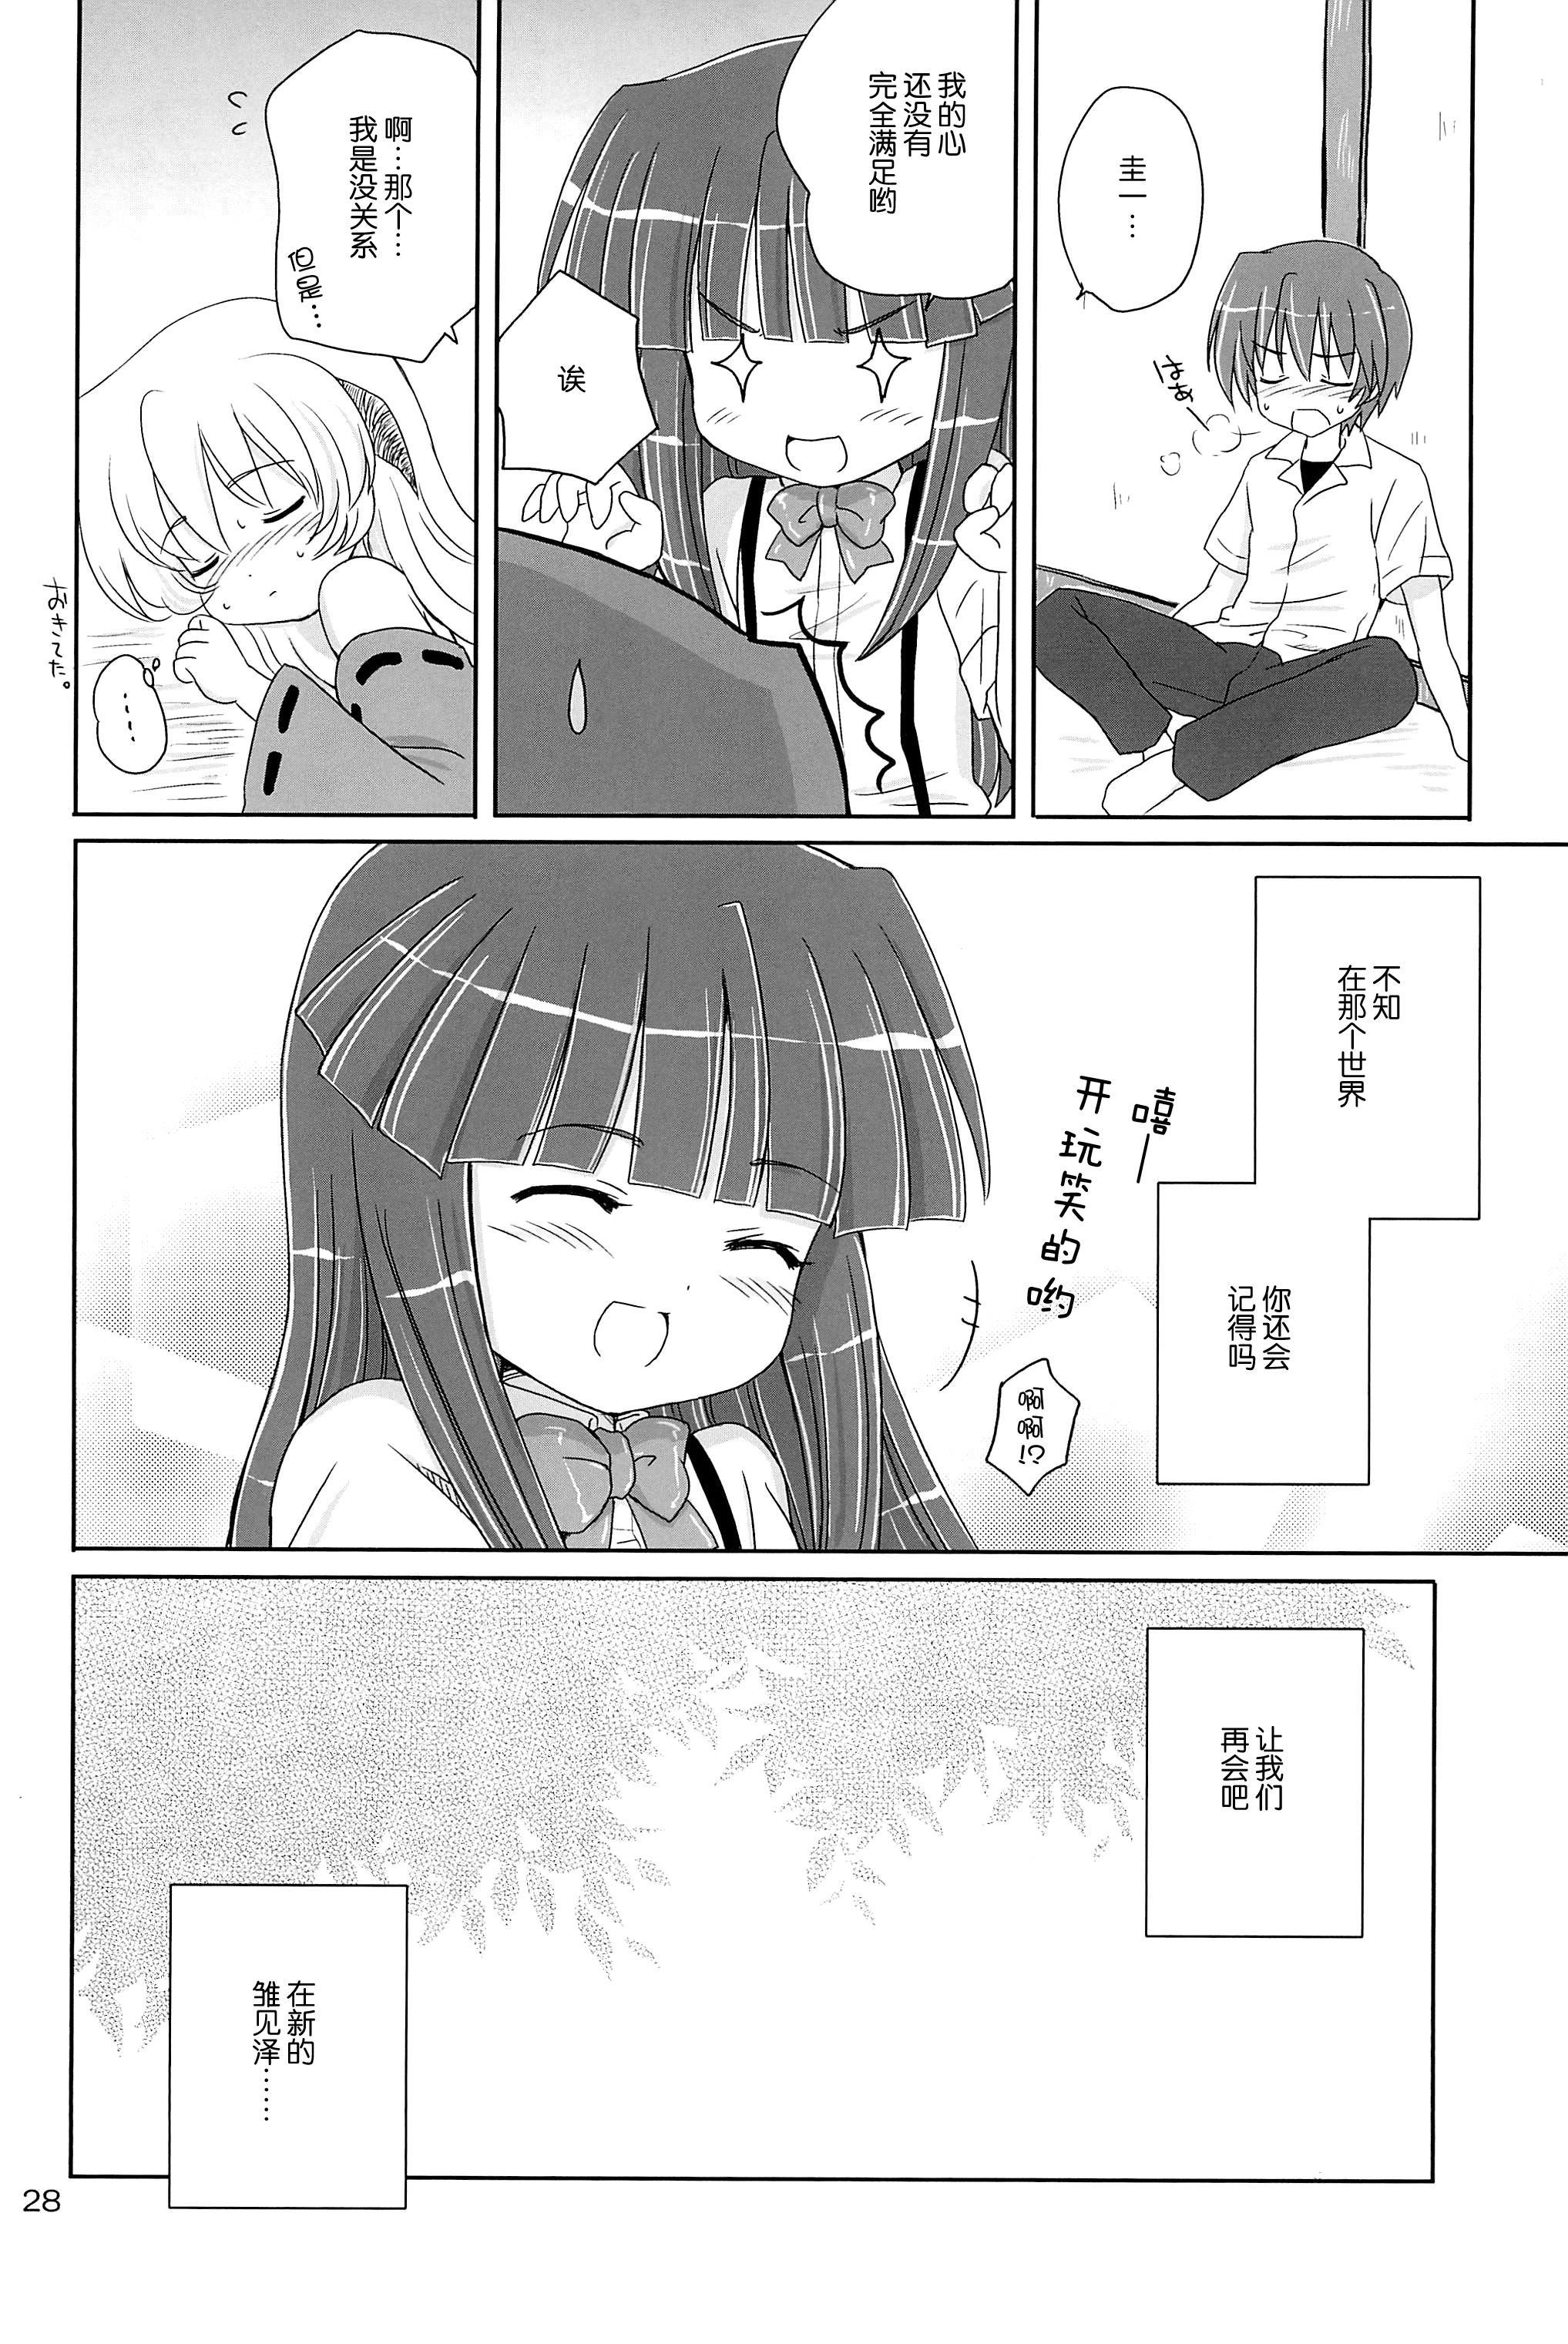 SONOHIGURASHI 28